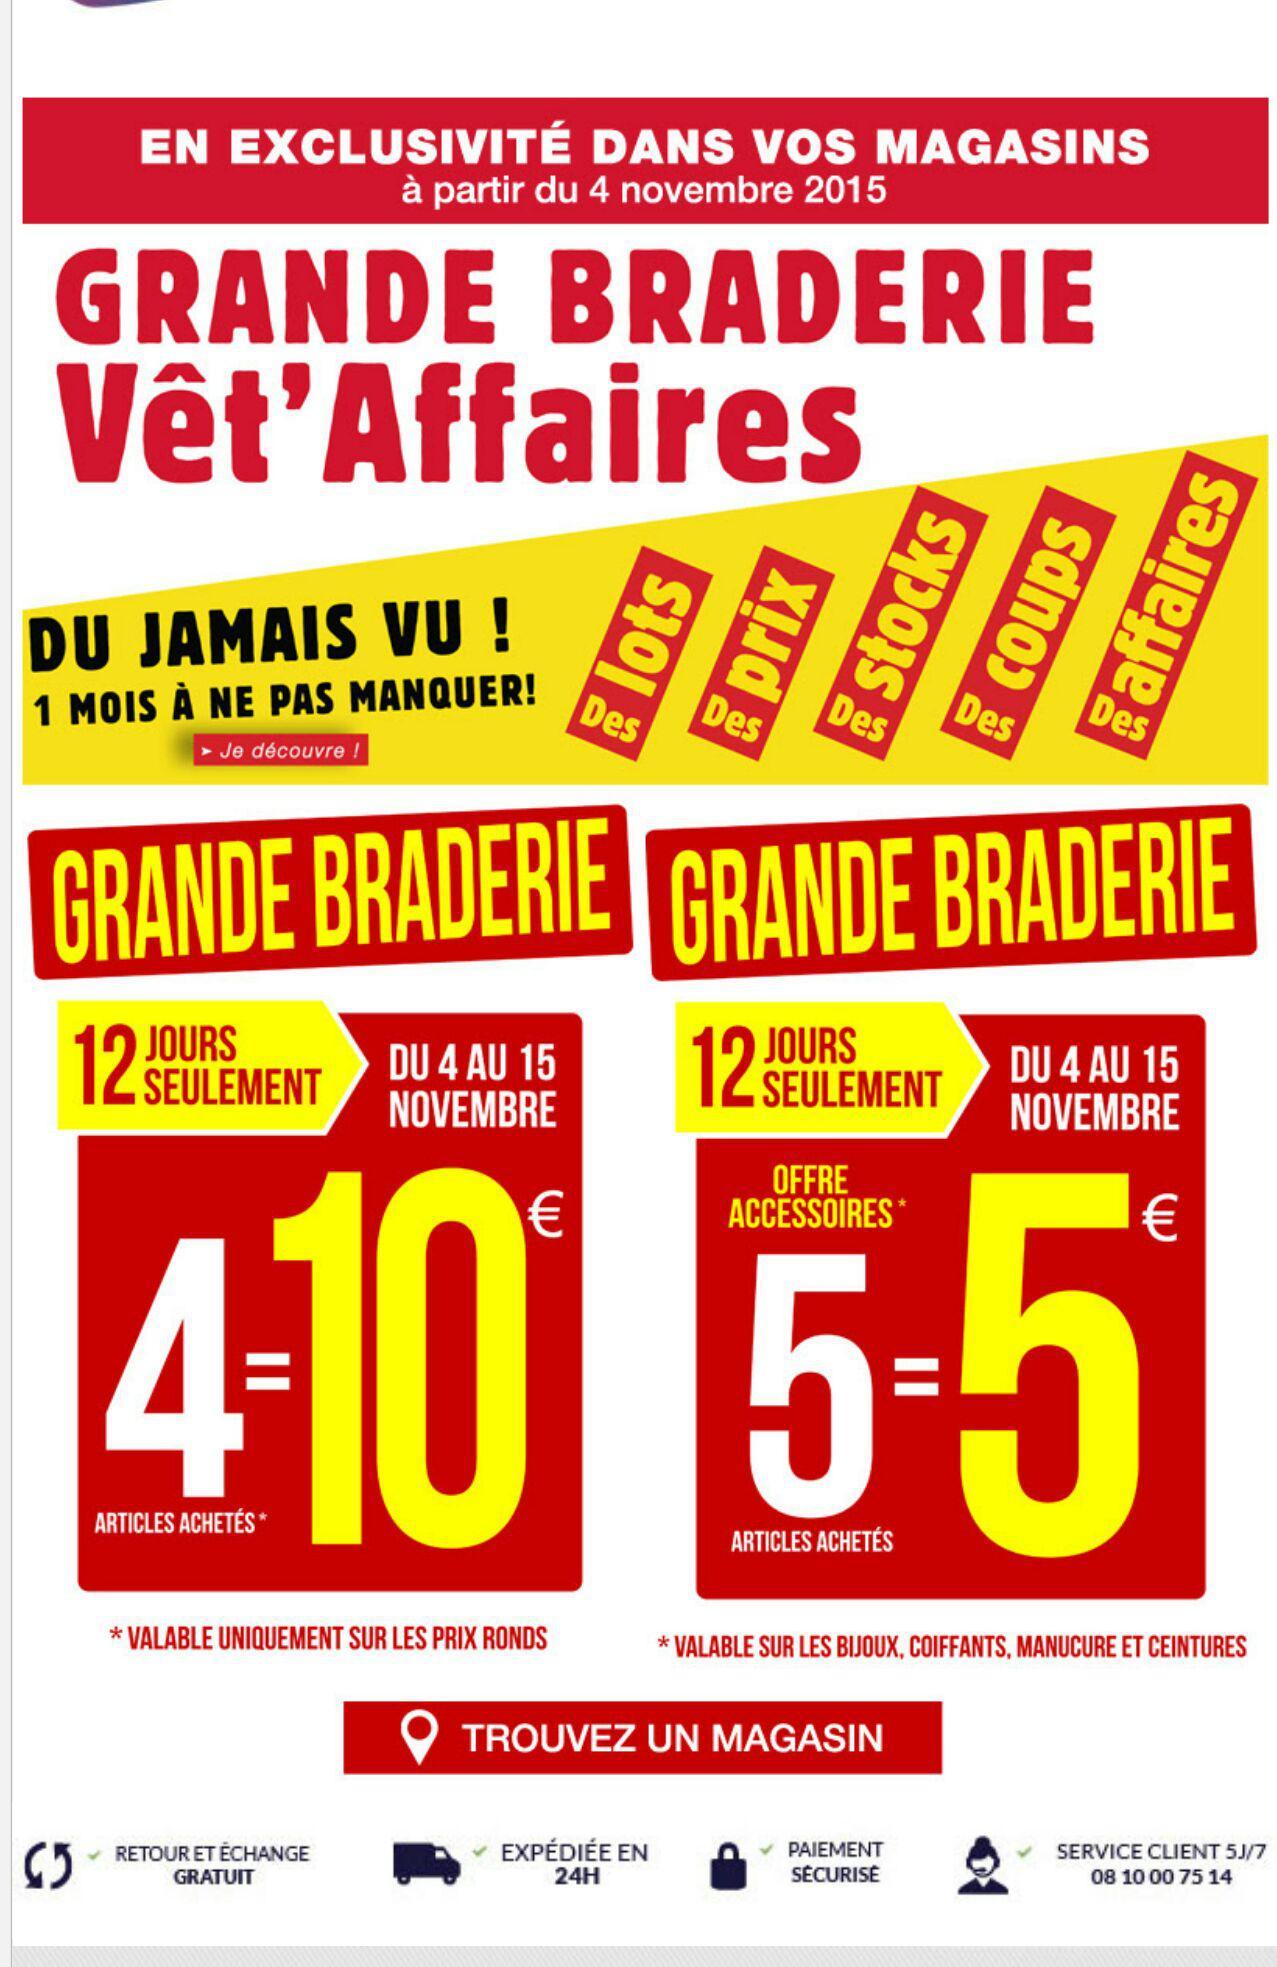 Braderie Vet'affaire - Ex : 4 Articles pour 10€ ou 5 Accessoires